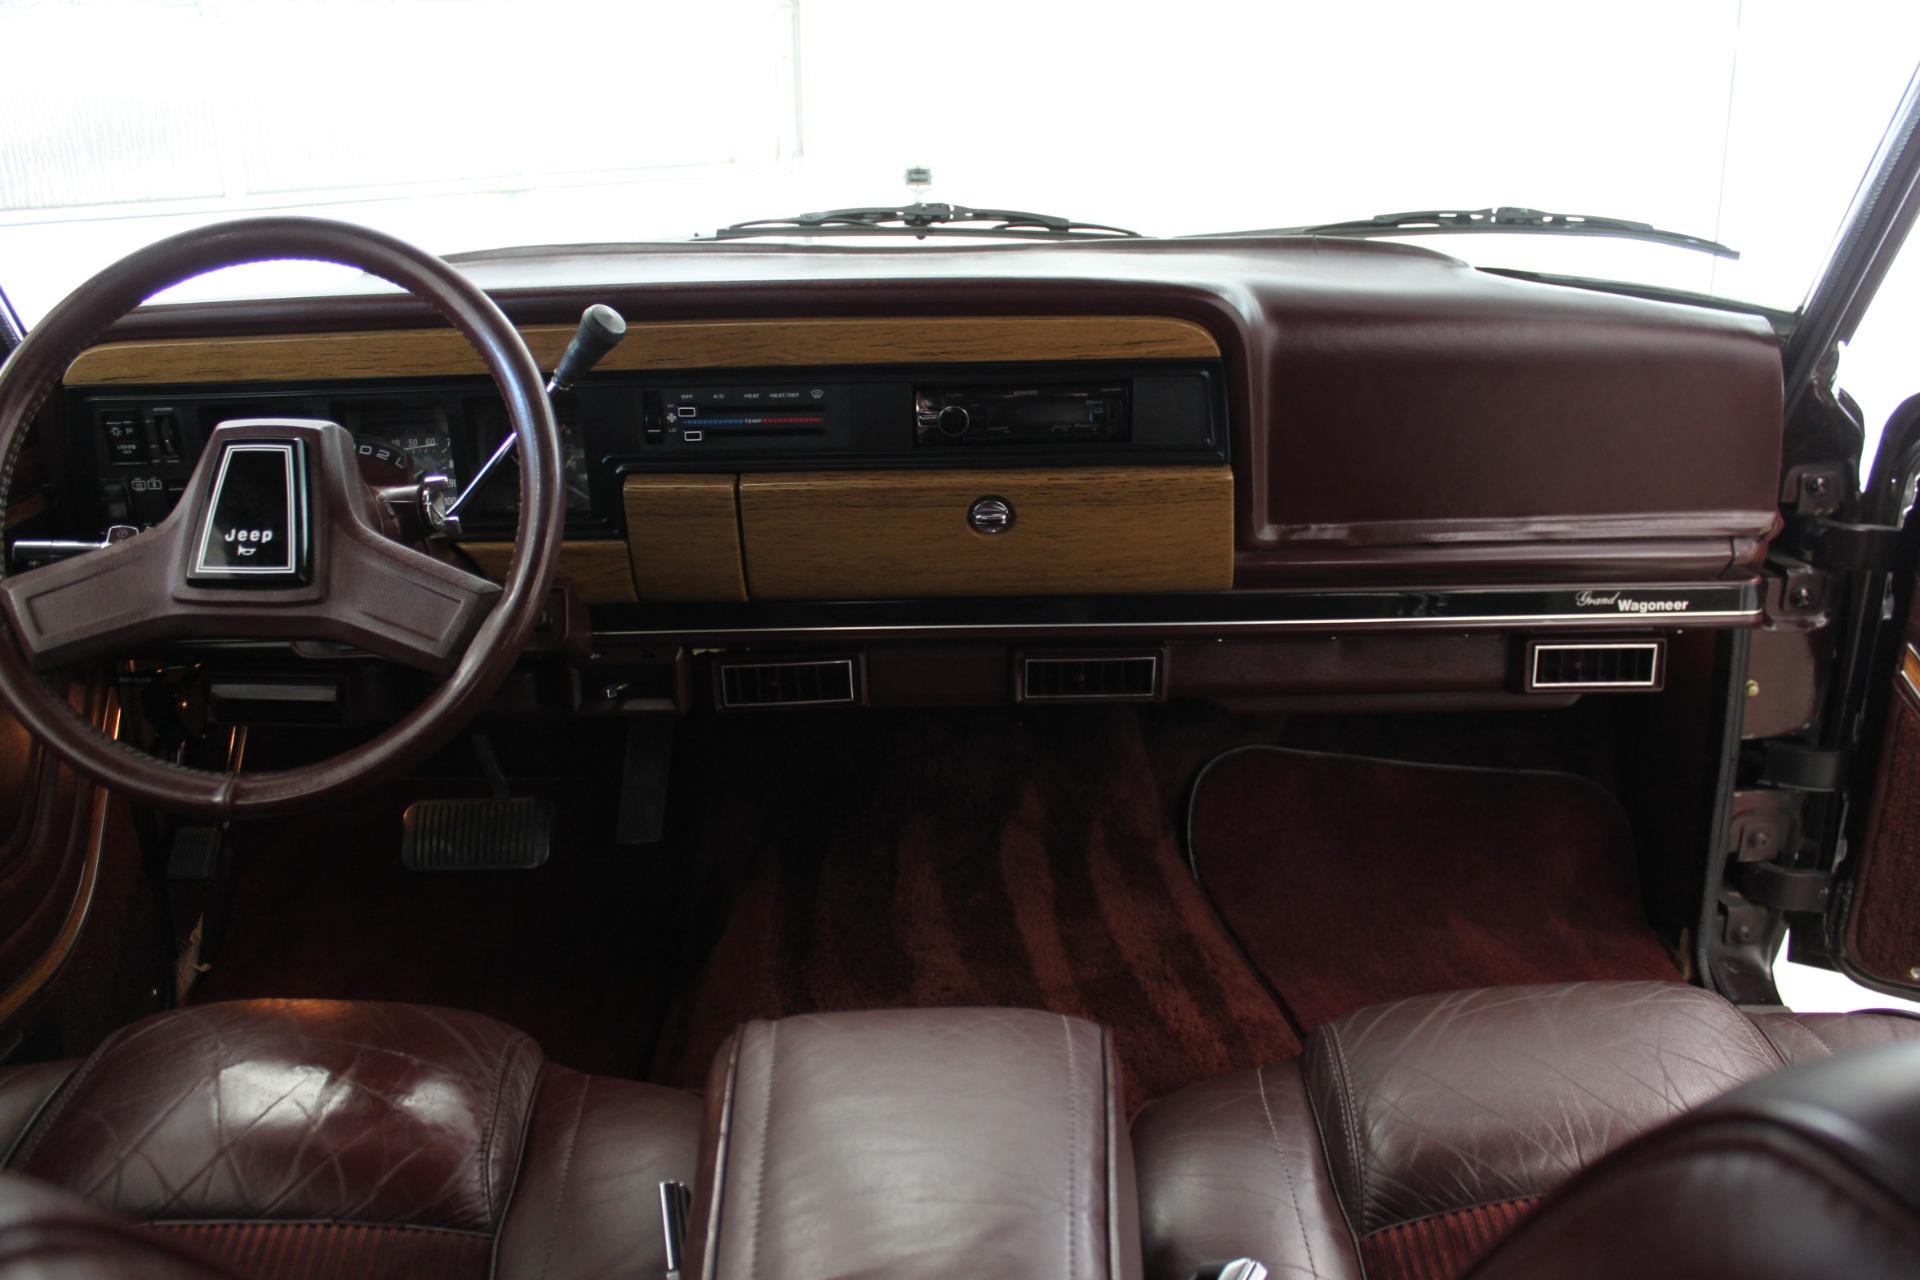 Used-1989-Jeep-Grand-Wagoneer-Limited-4X4-Used-Mazdas-Gurnee